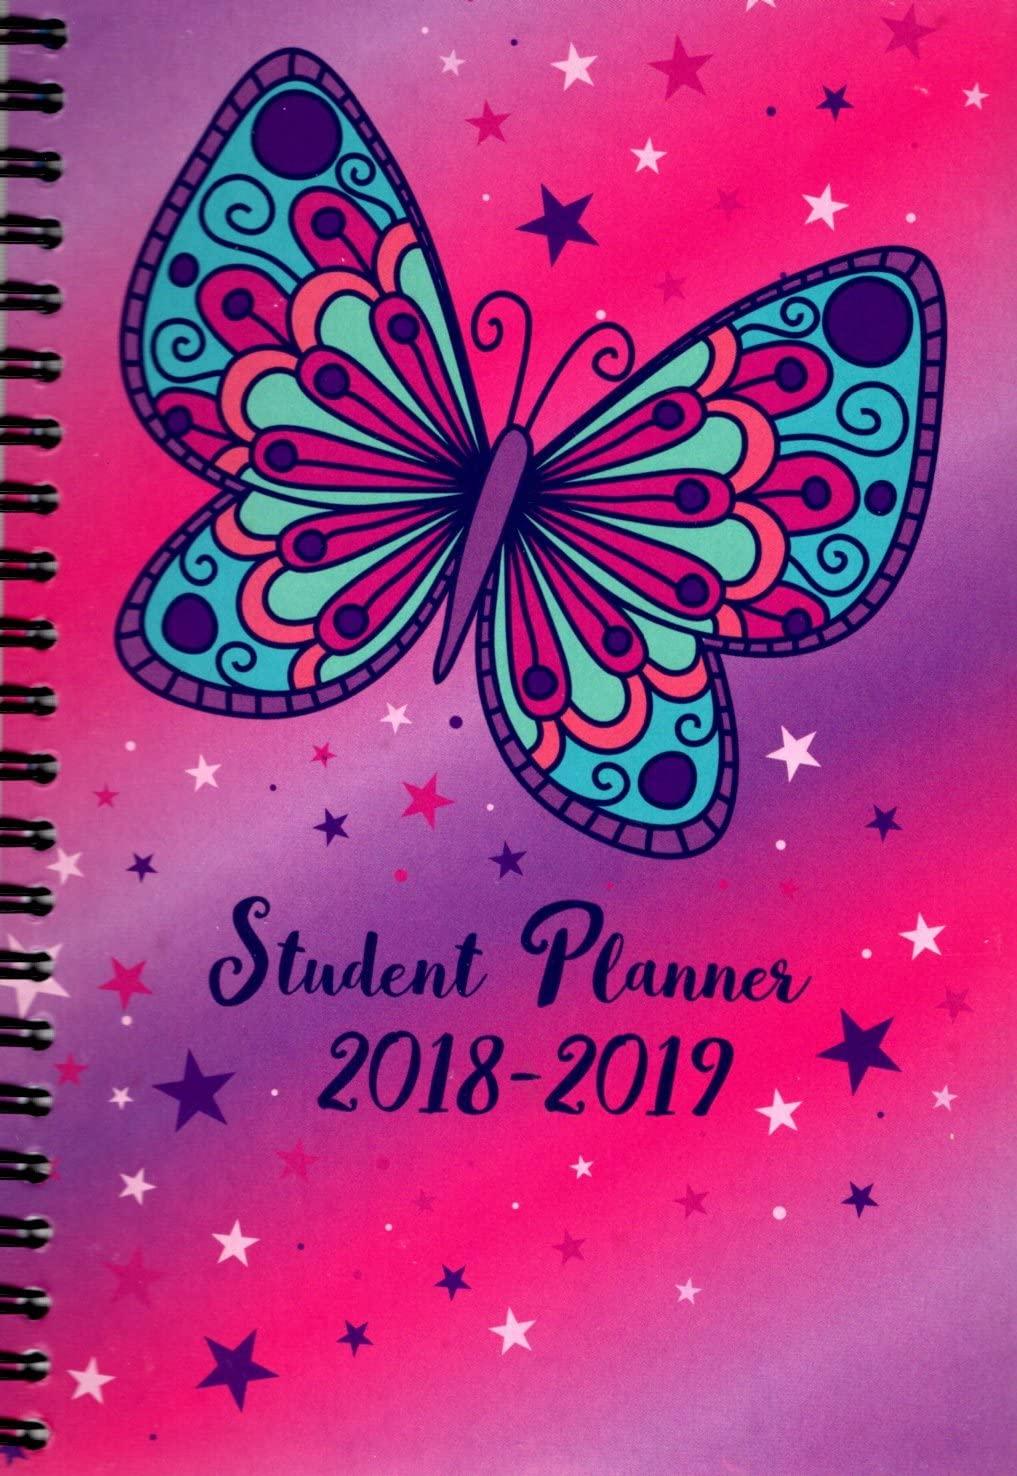 2018-2019 Student Planner Calendar - School College Weekly/Monthly Agenda - Appointment Book Organizer - (Spiral Bound) v8